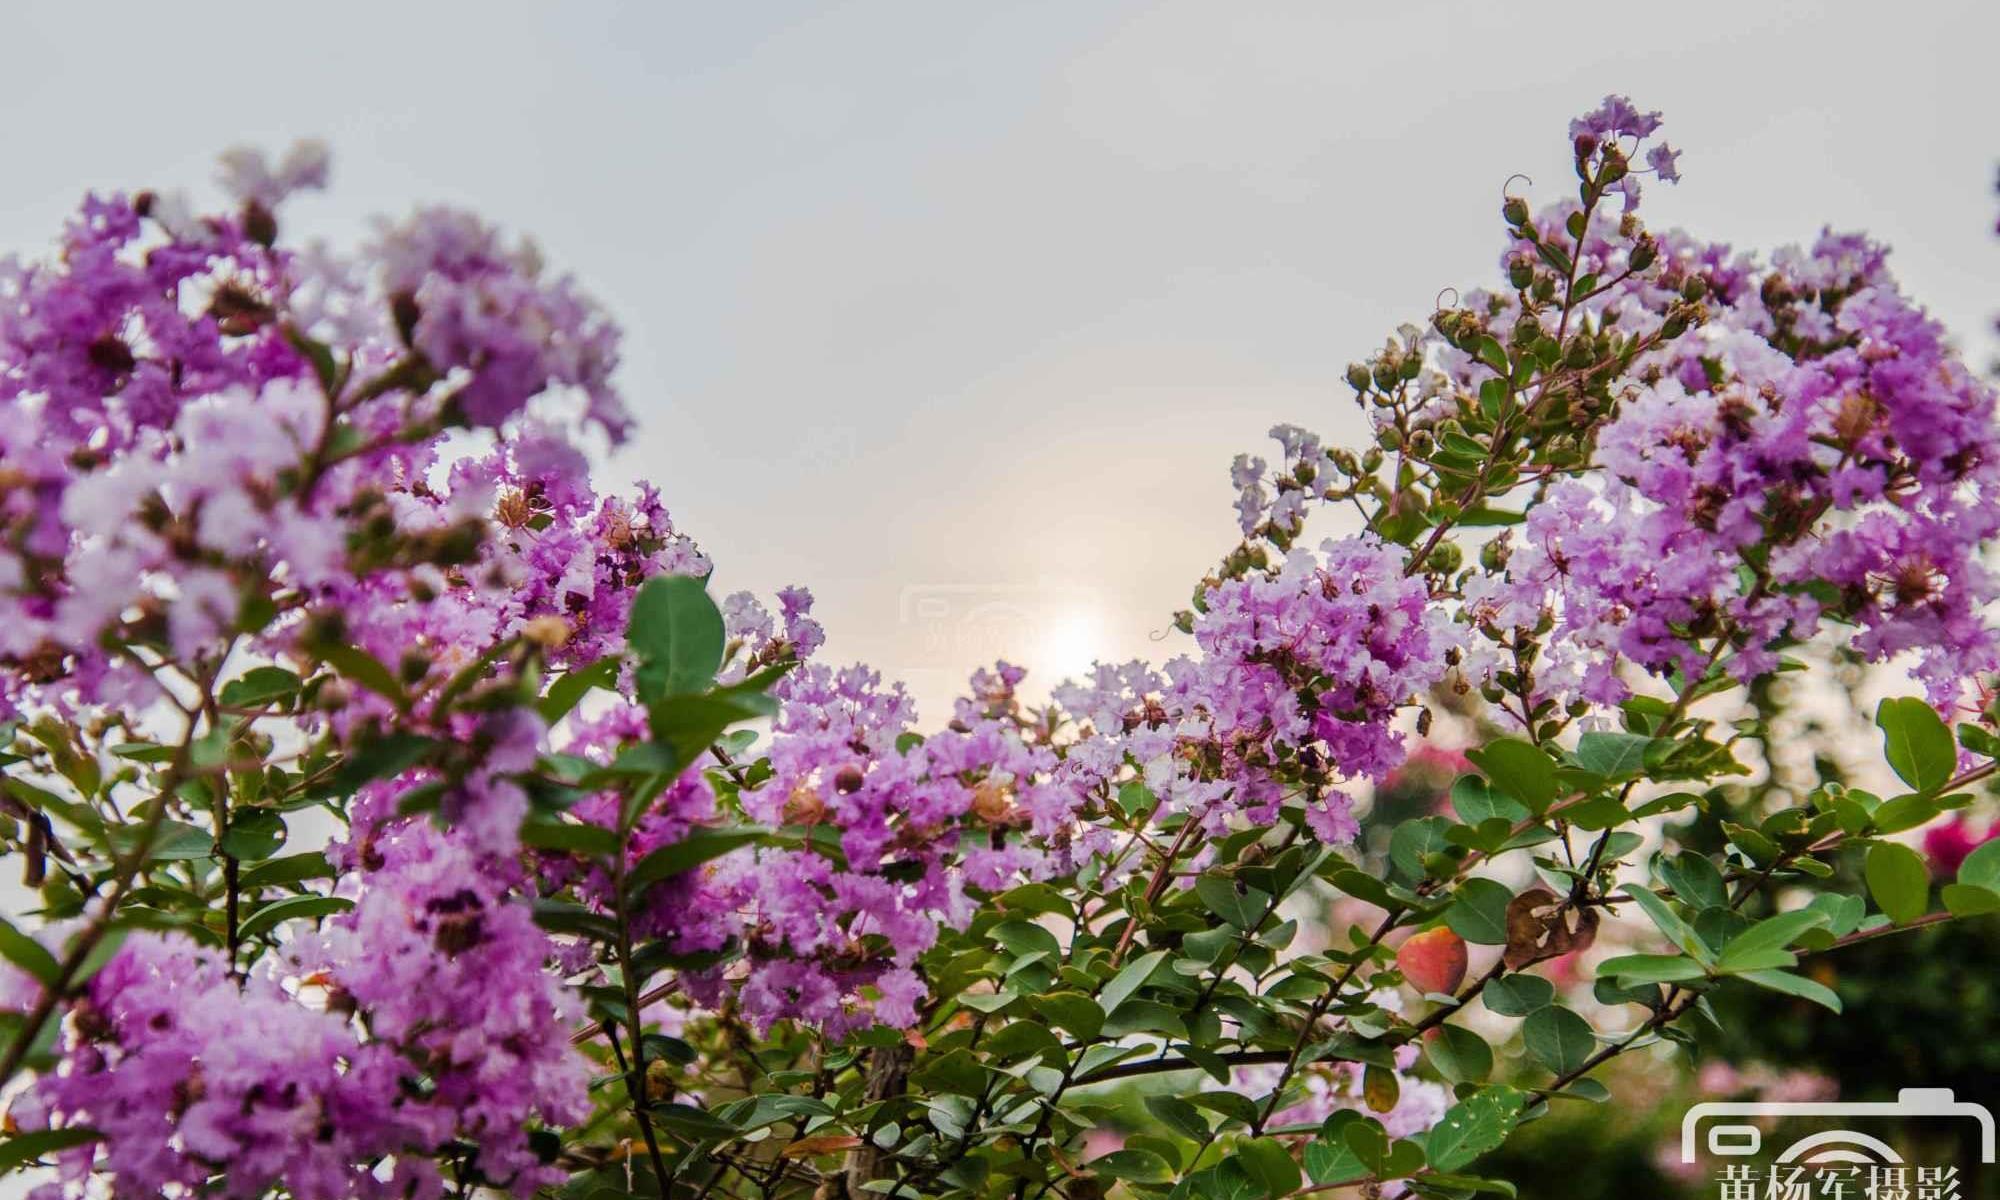 夕阳下美丽盛开的紫薇花,娇艳的花朵花团锦簇的模样非常漂亮